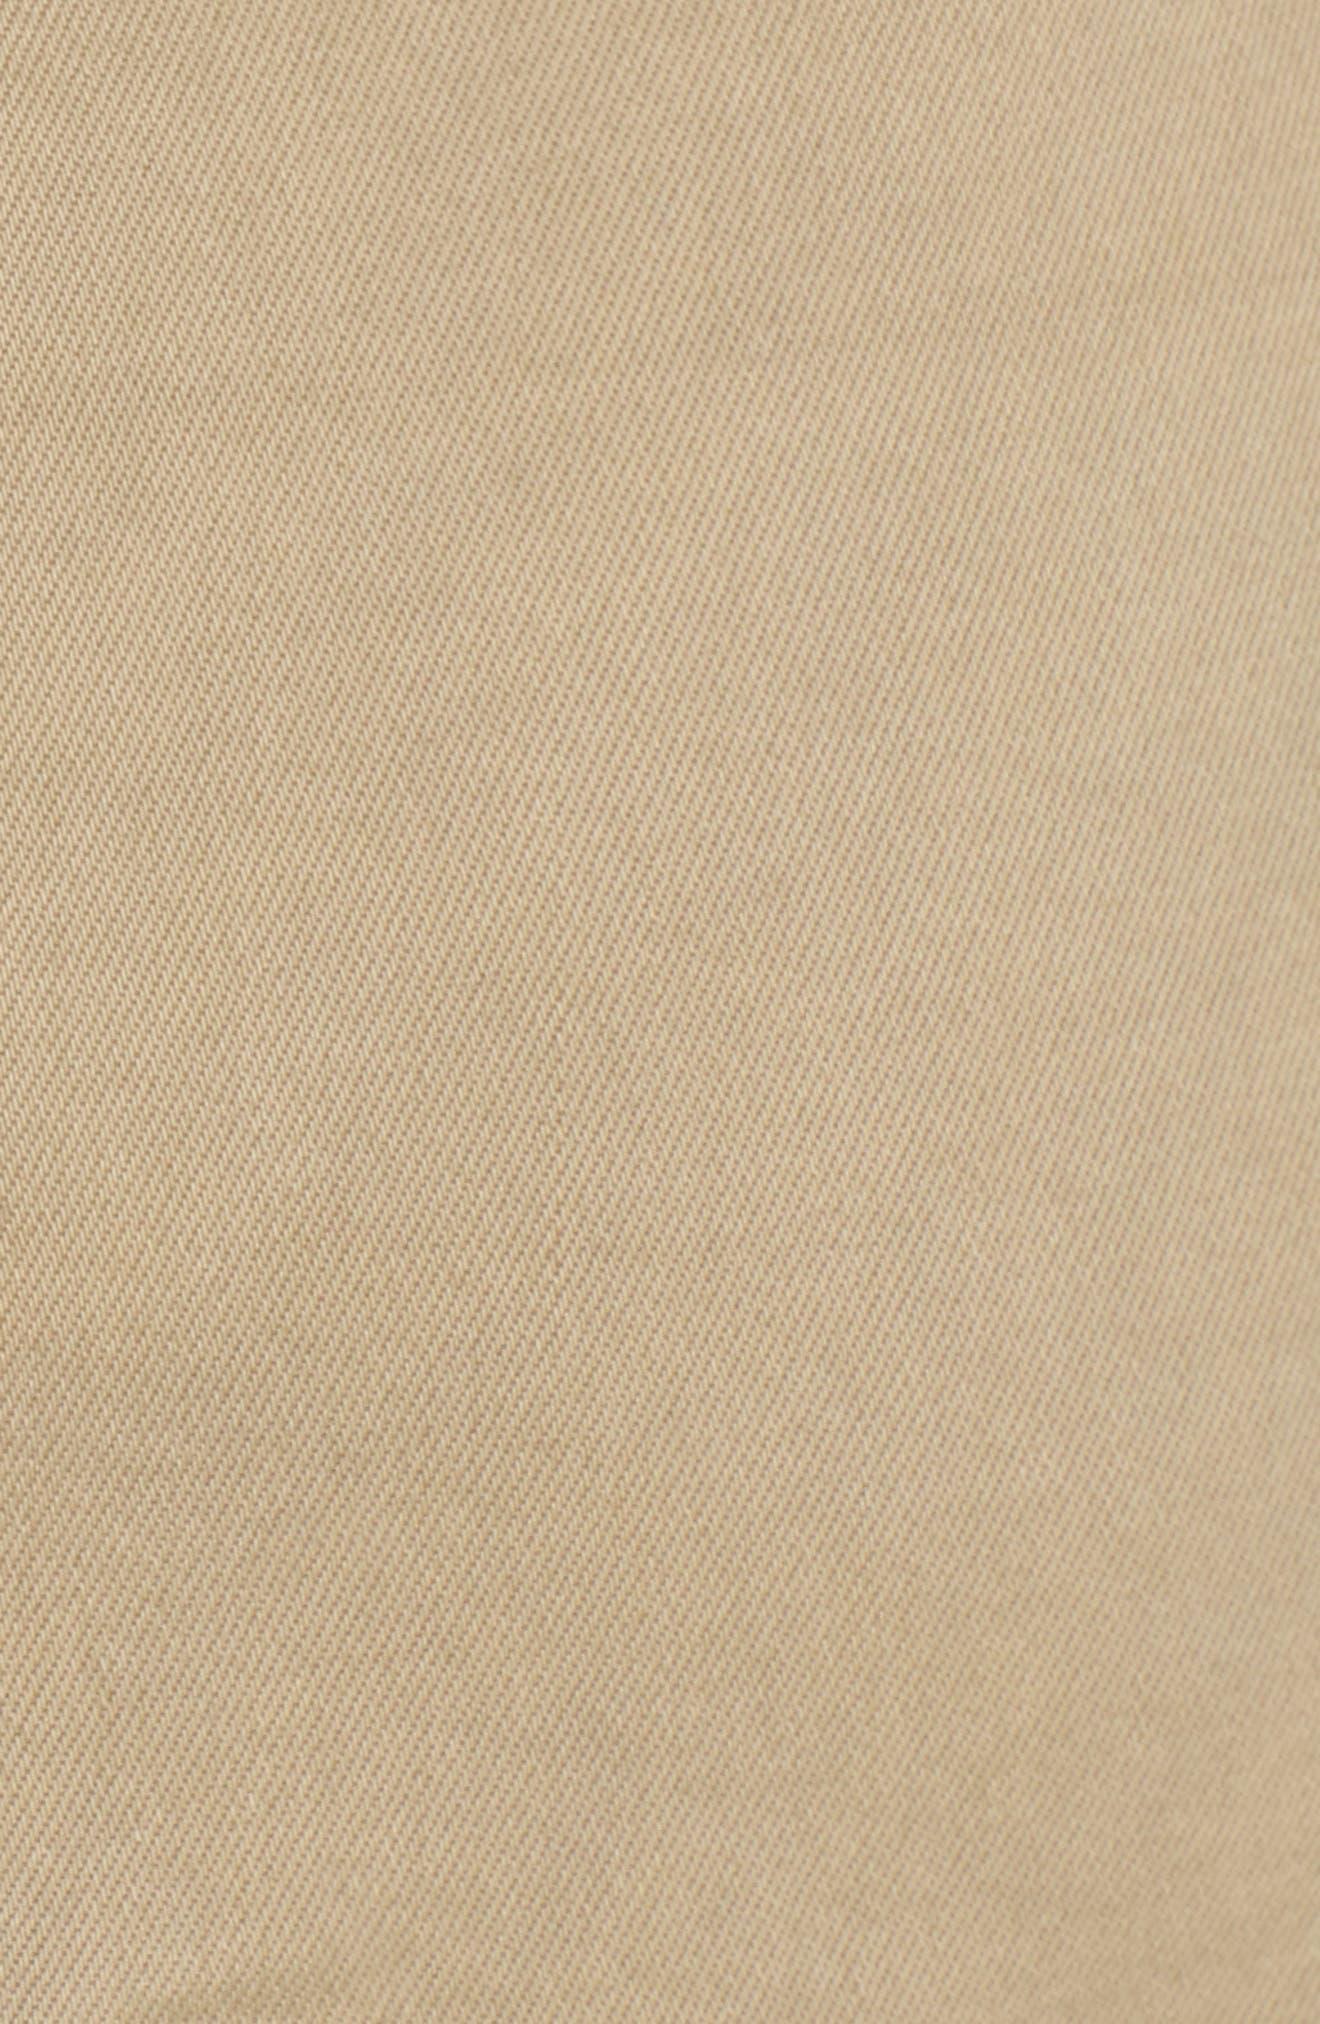 Tiered Fray Hem Skirt,                             Alternate thumbnail 5, color,                             235